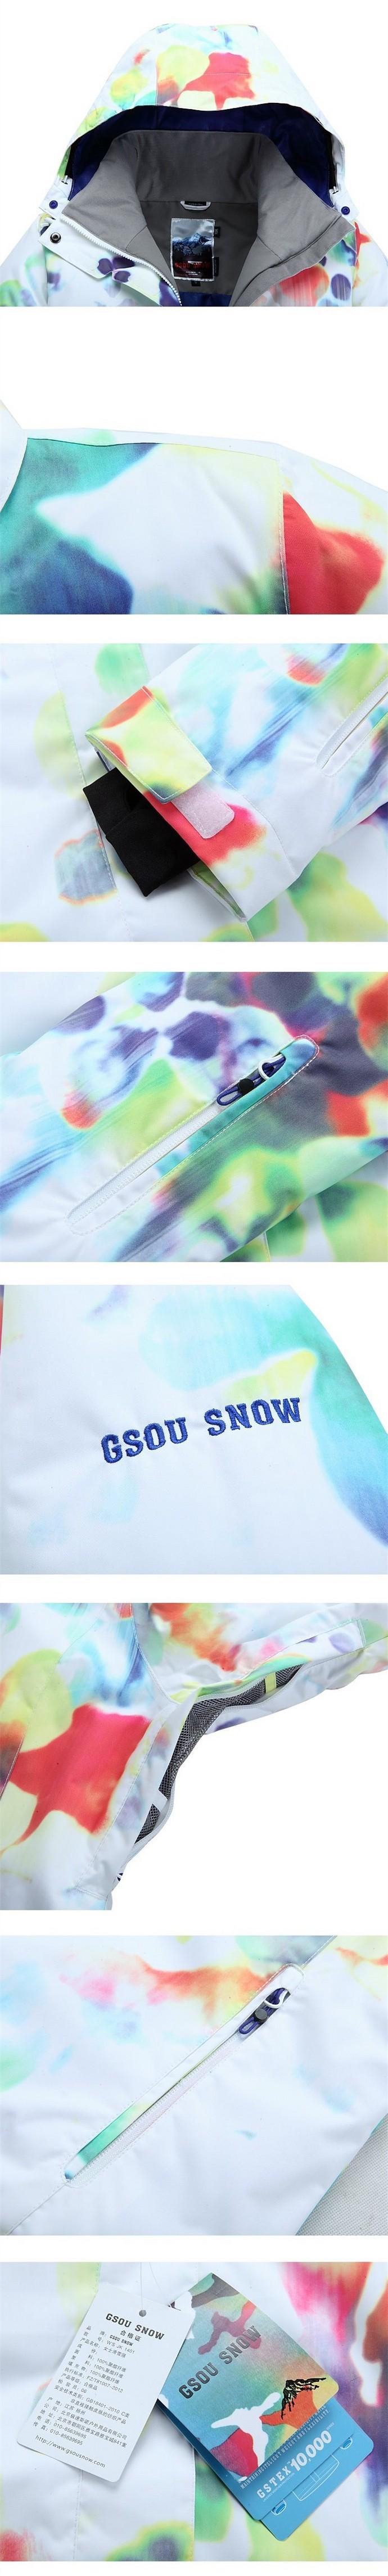 Женская зимняя горнолыжная, лыжная куртка Gsou SNOW фото